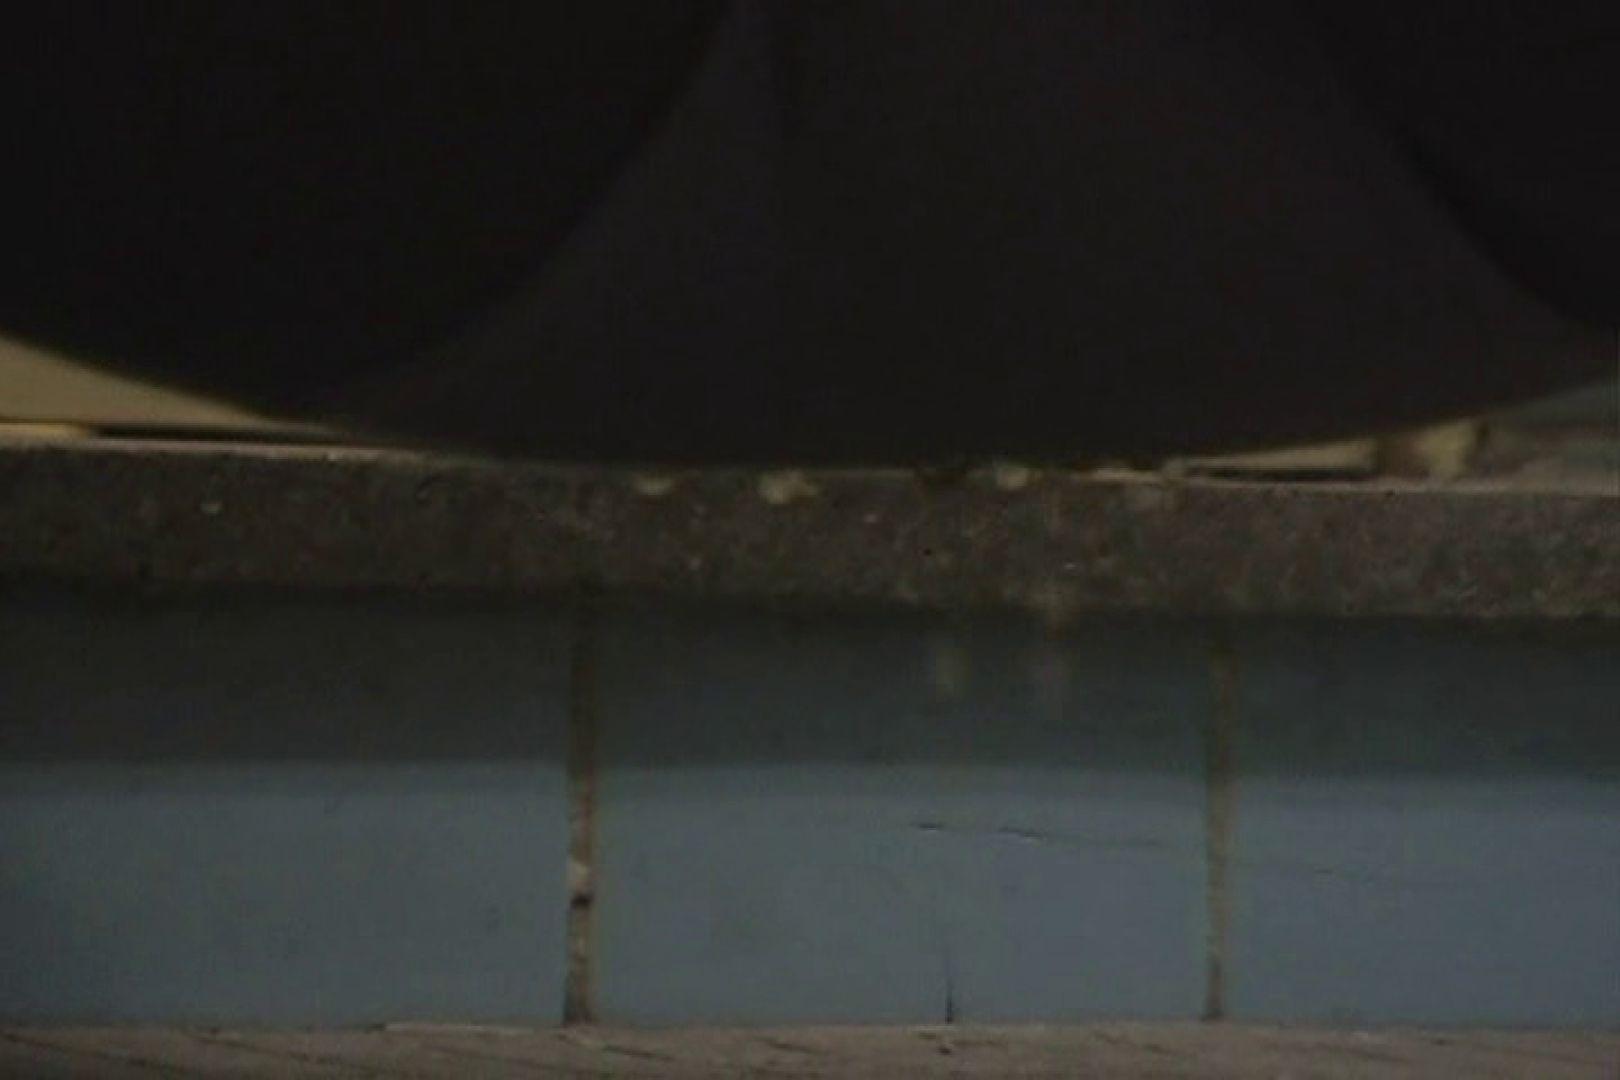 出ちゃう!漏れちゃう!!人妻編Vol.2 萌えギャル 盗み撮り動画キャプチャ 90連発 87